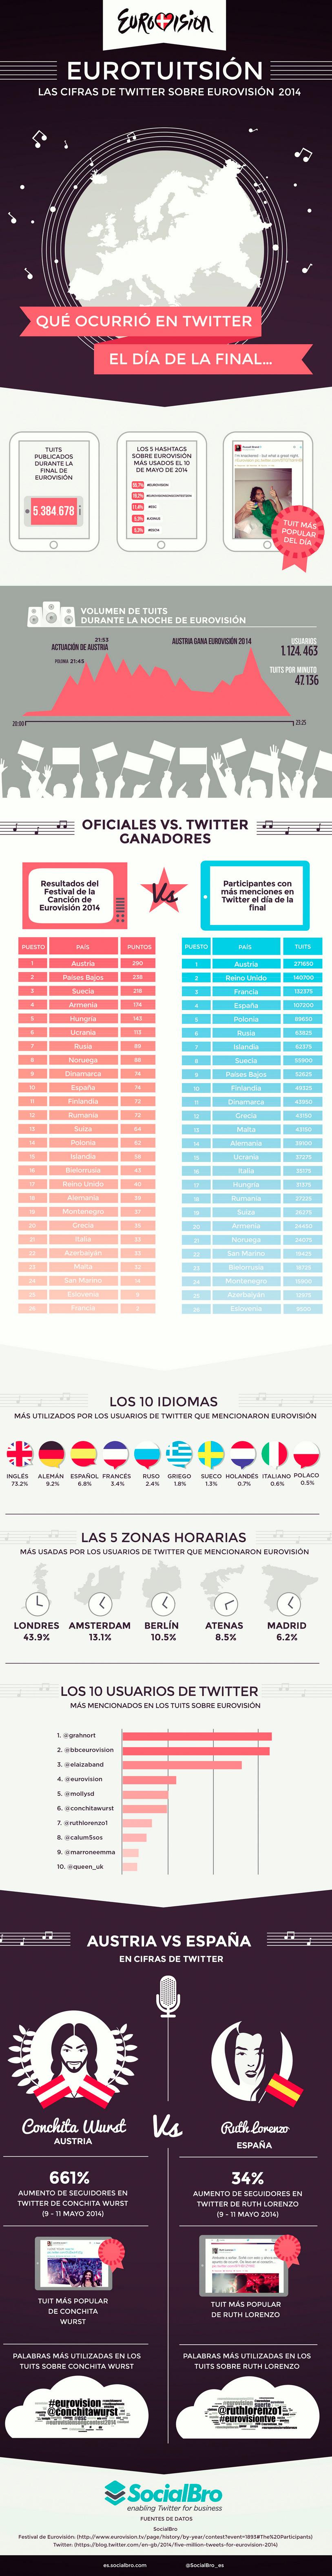 Infografía de estadísticas de Eurovisión por SocialBro